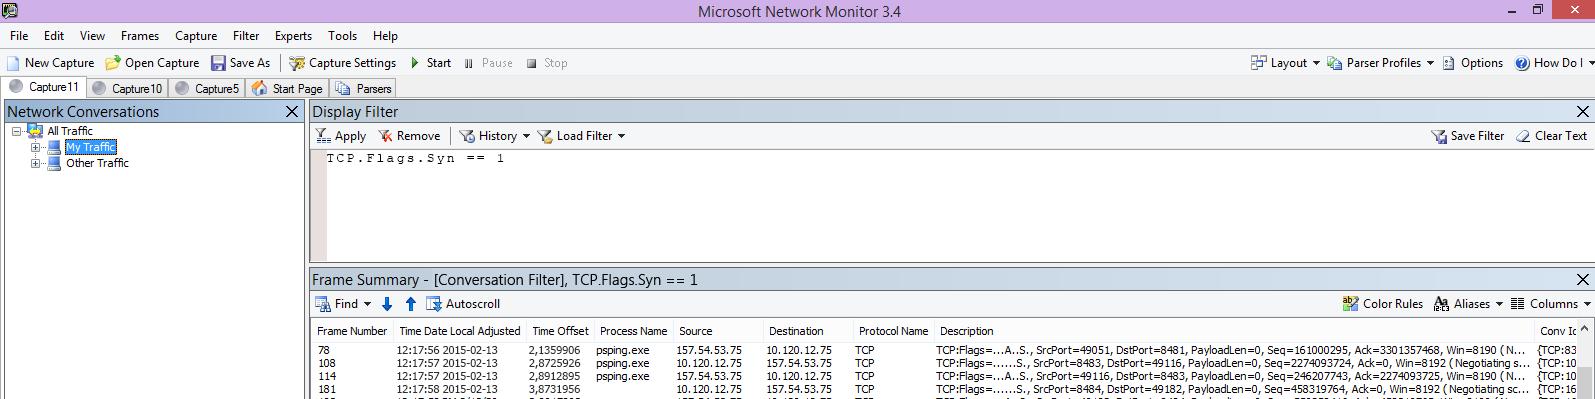 Śledzenie monitora sieci z poziomu klienta z tym samym poleceniem PSPing z filtrem TCP.Flags.Syn == 1.